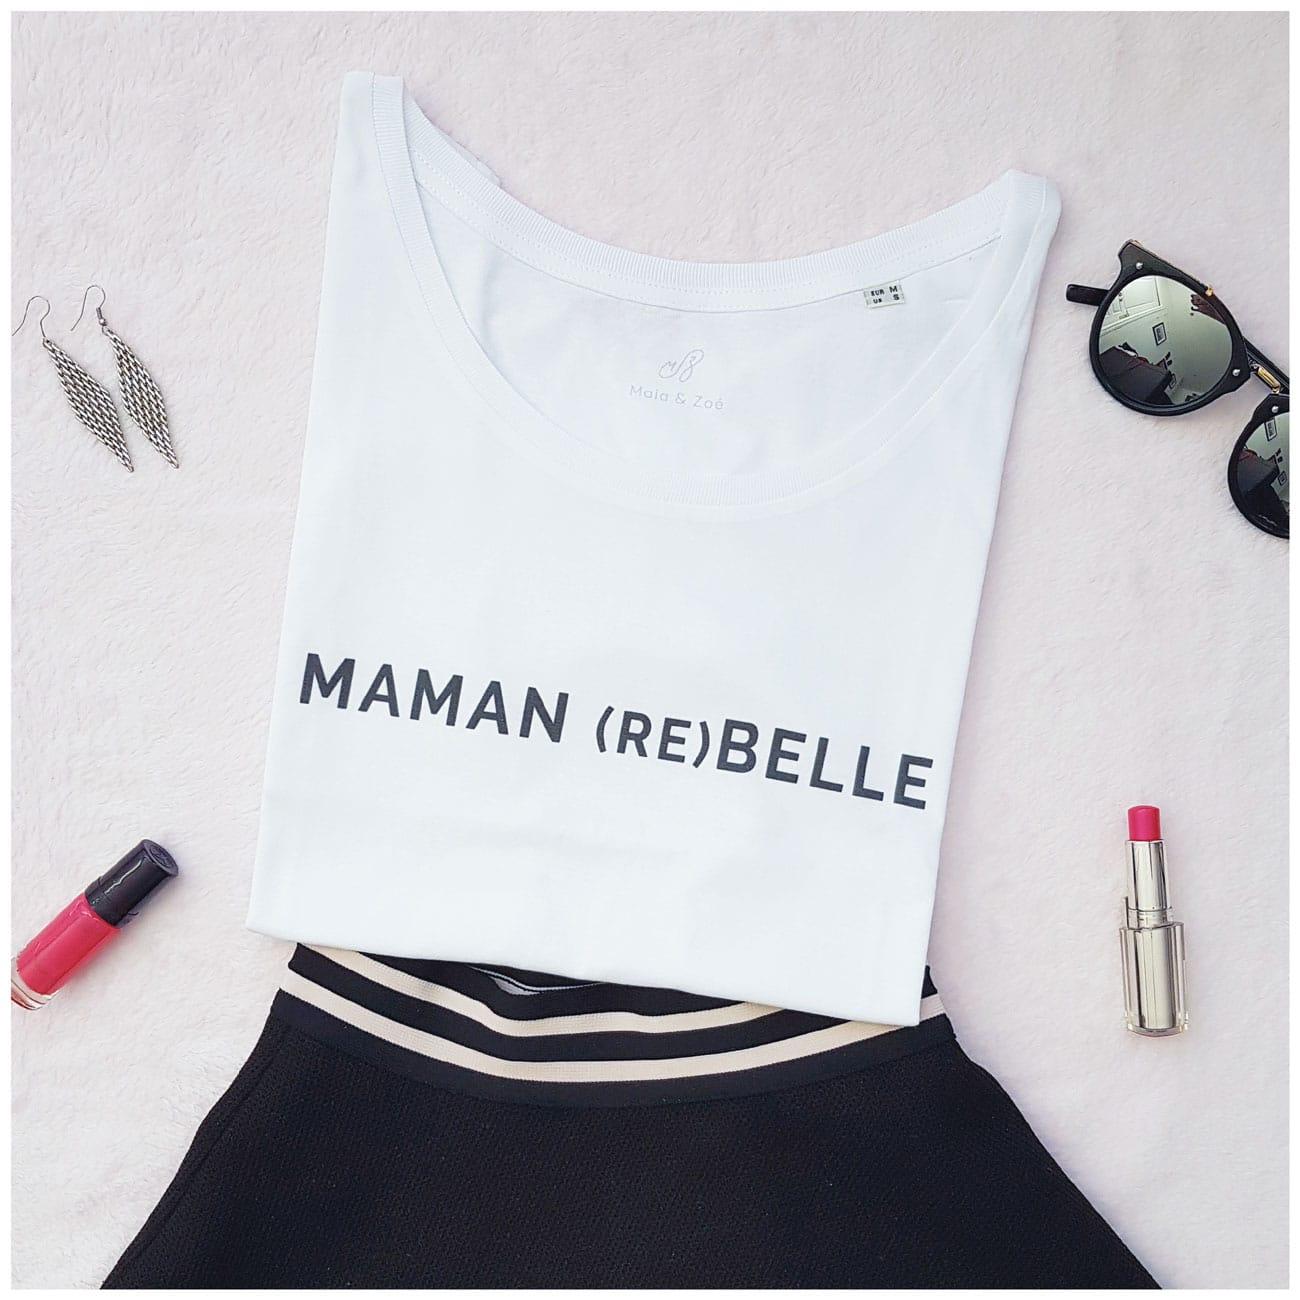 tee-shirt maman rebelle, cadeau fête des mères, naissance. Maia et Zoé. t-shirt à message flat lay